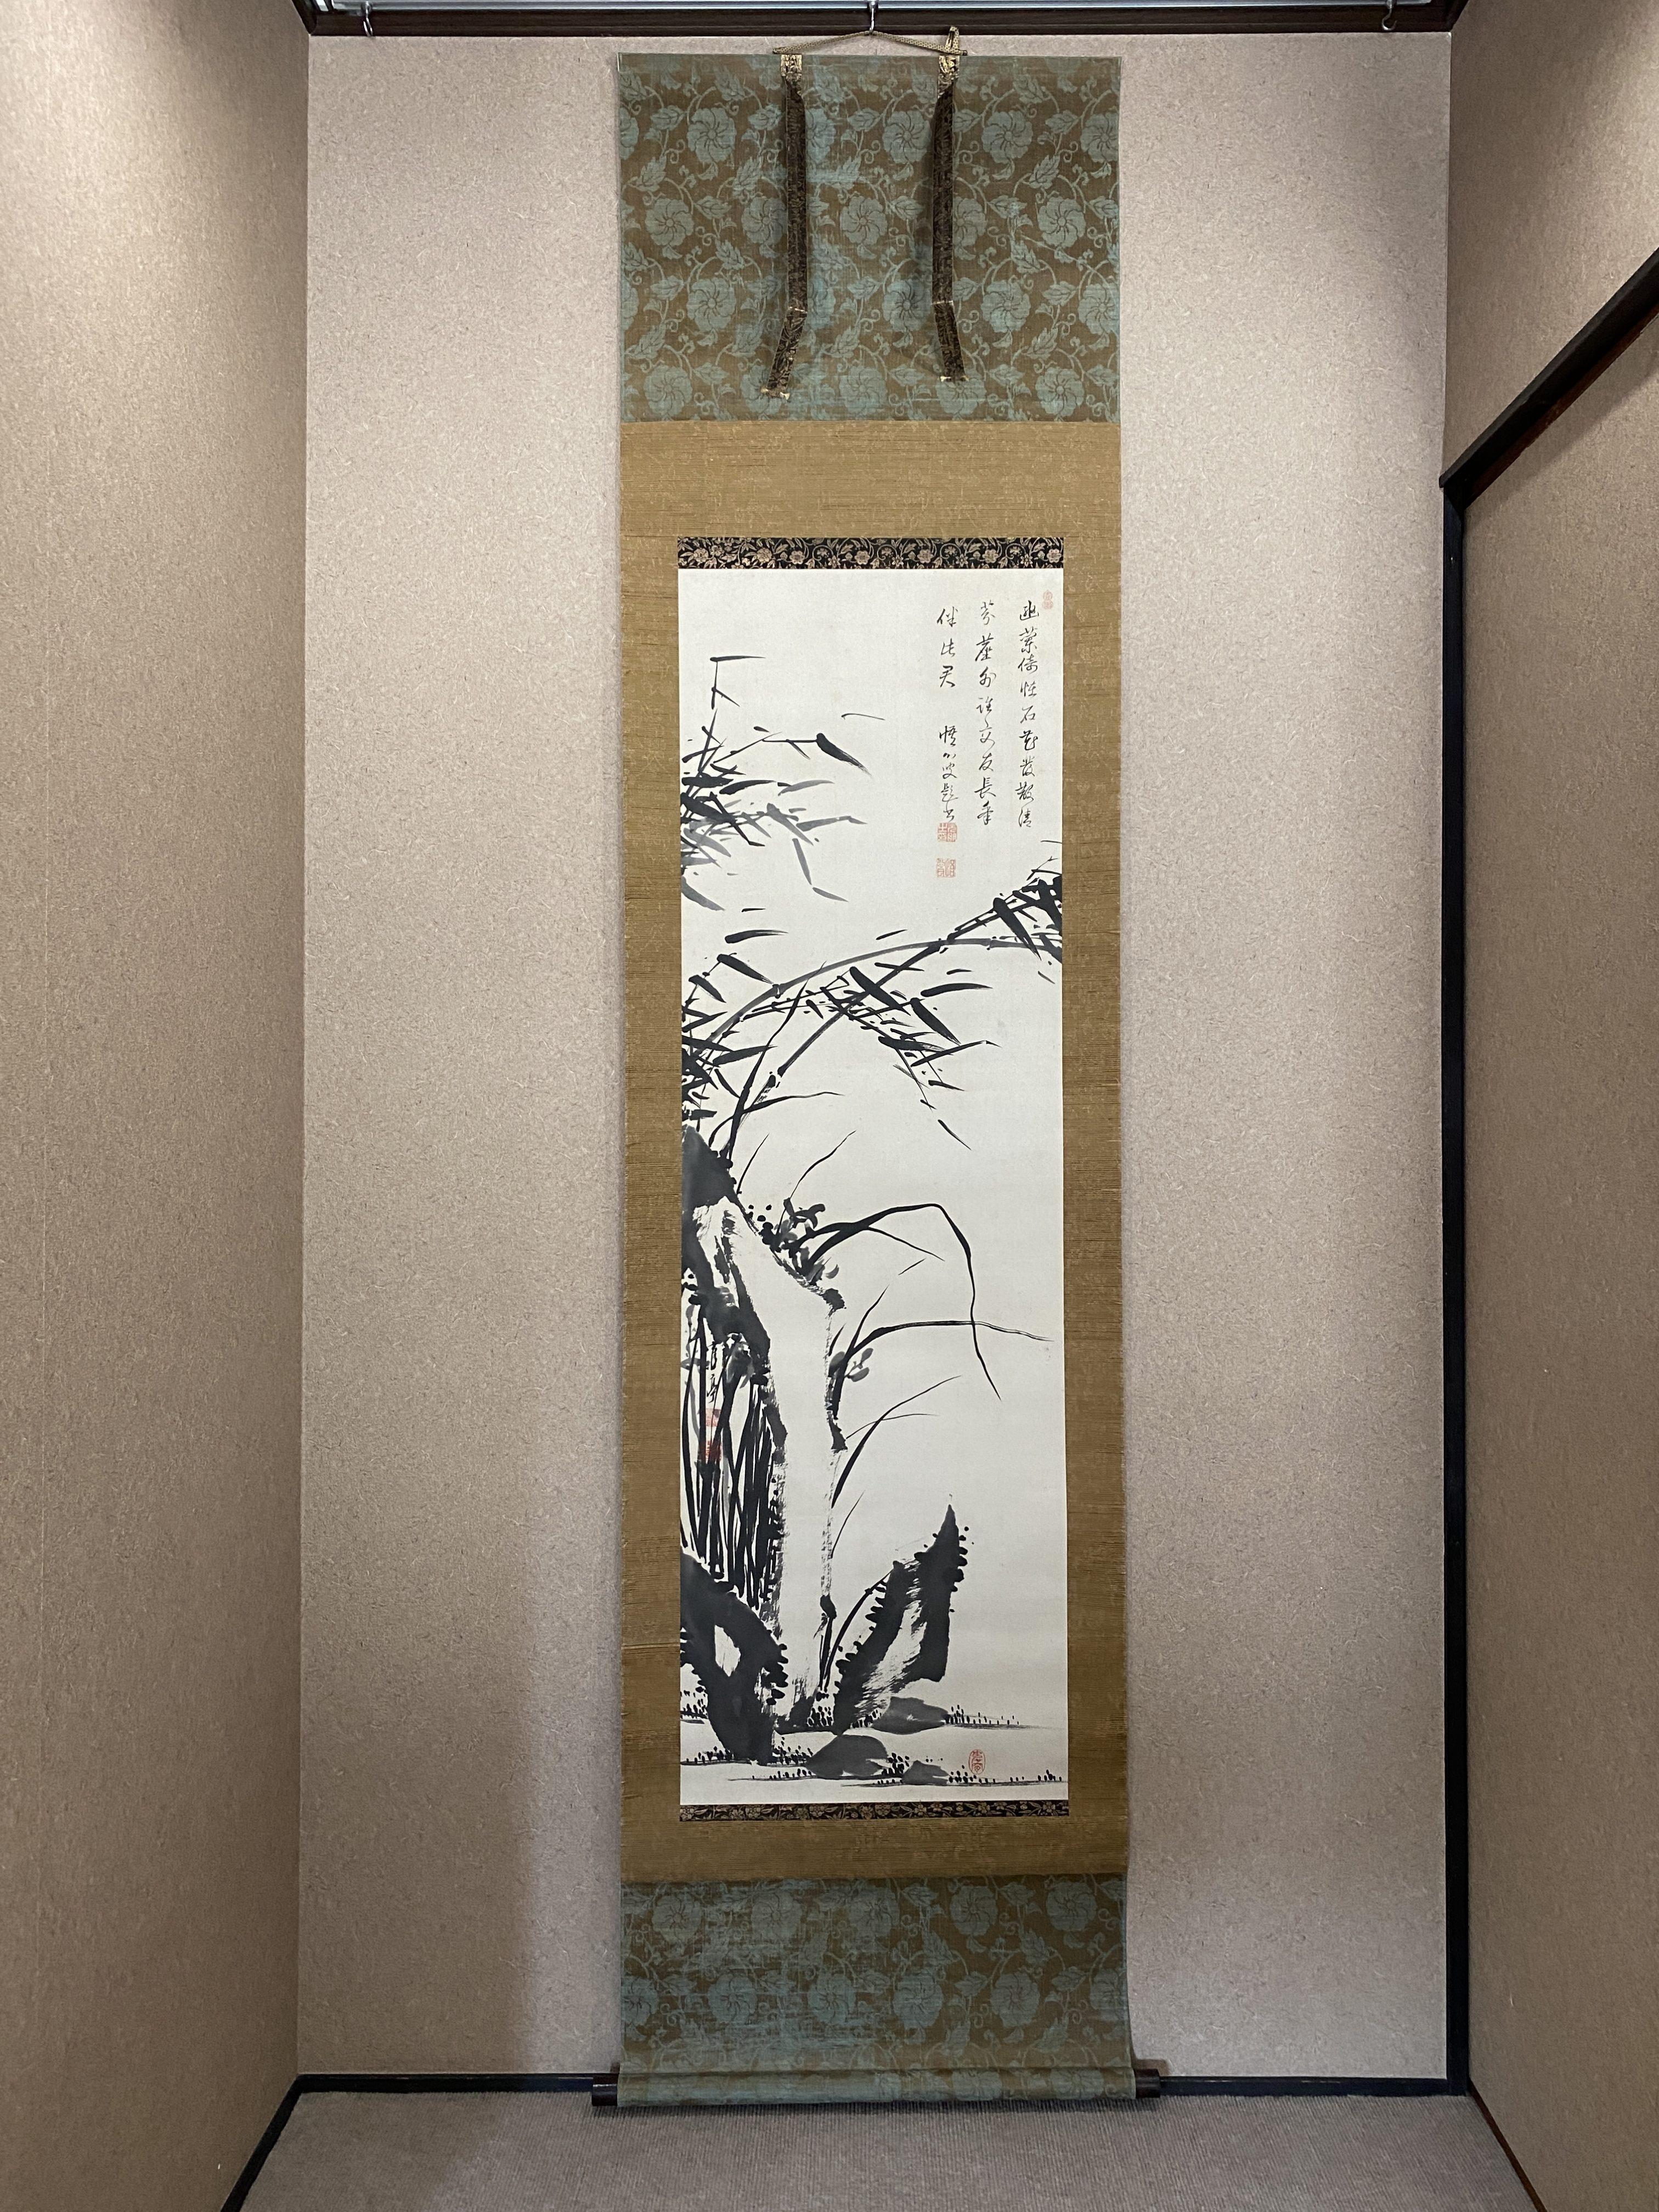 鶴亭(海眼浄光) 岩蘭図